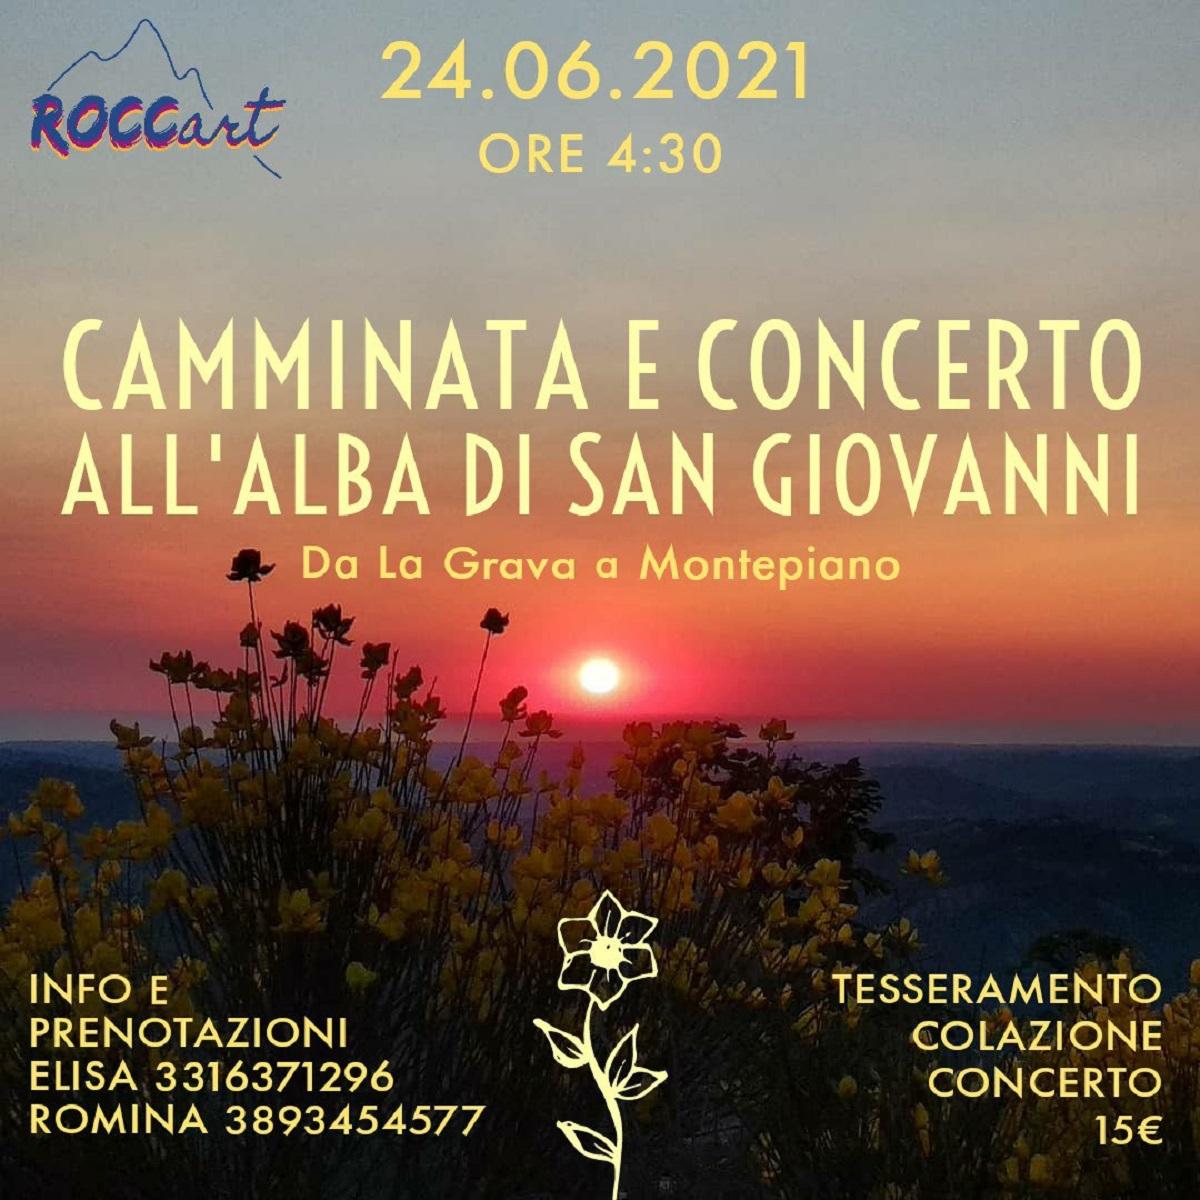 Camminata e concerto a Roccamontepiano 24 giugno 2021 foto